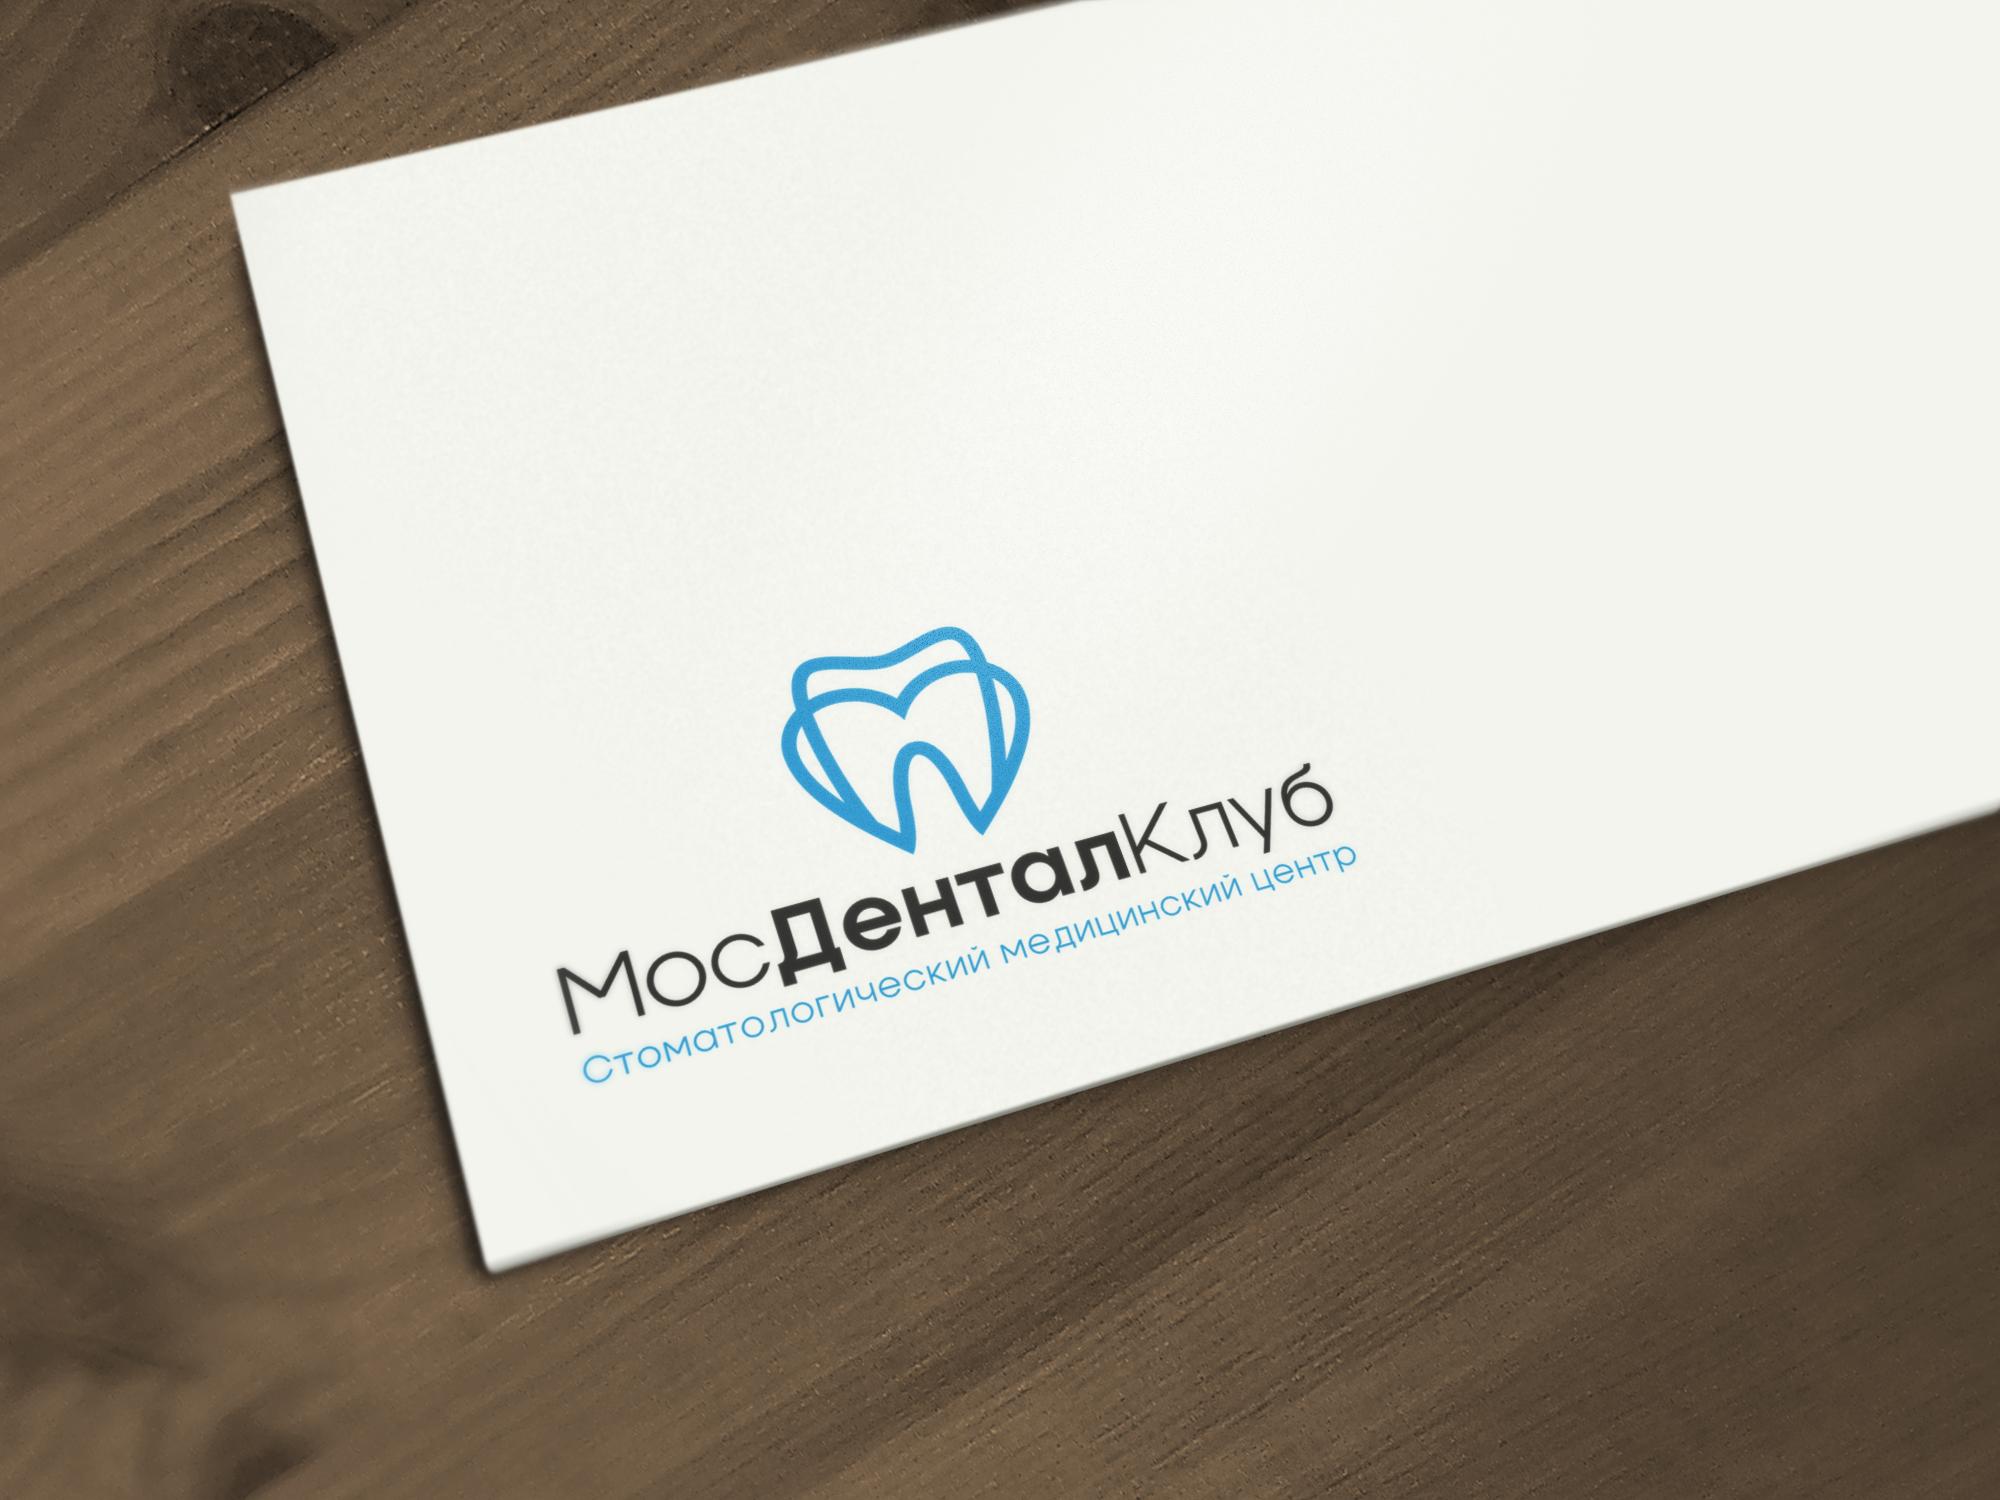 Разработка логотипа стоматологического медицинского центра фото f_3945e4eb05869f8d.jpg